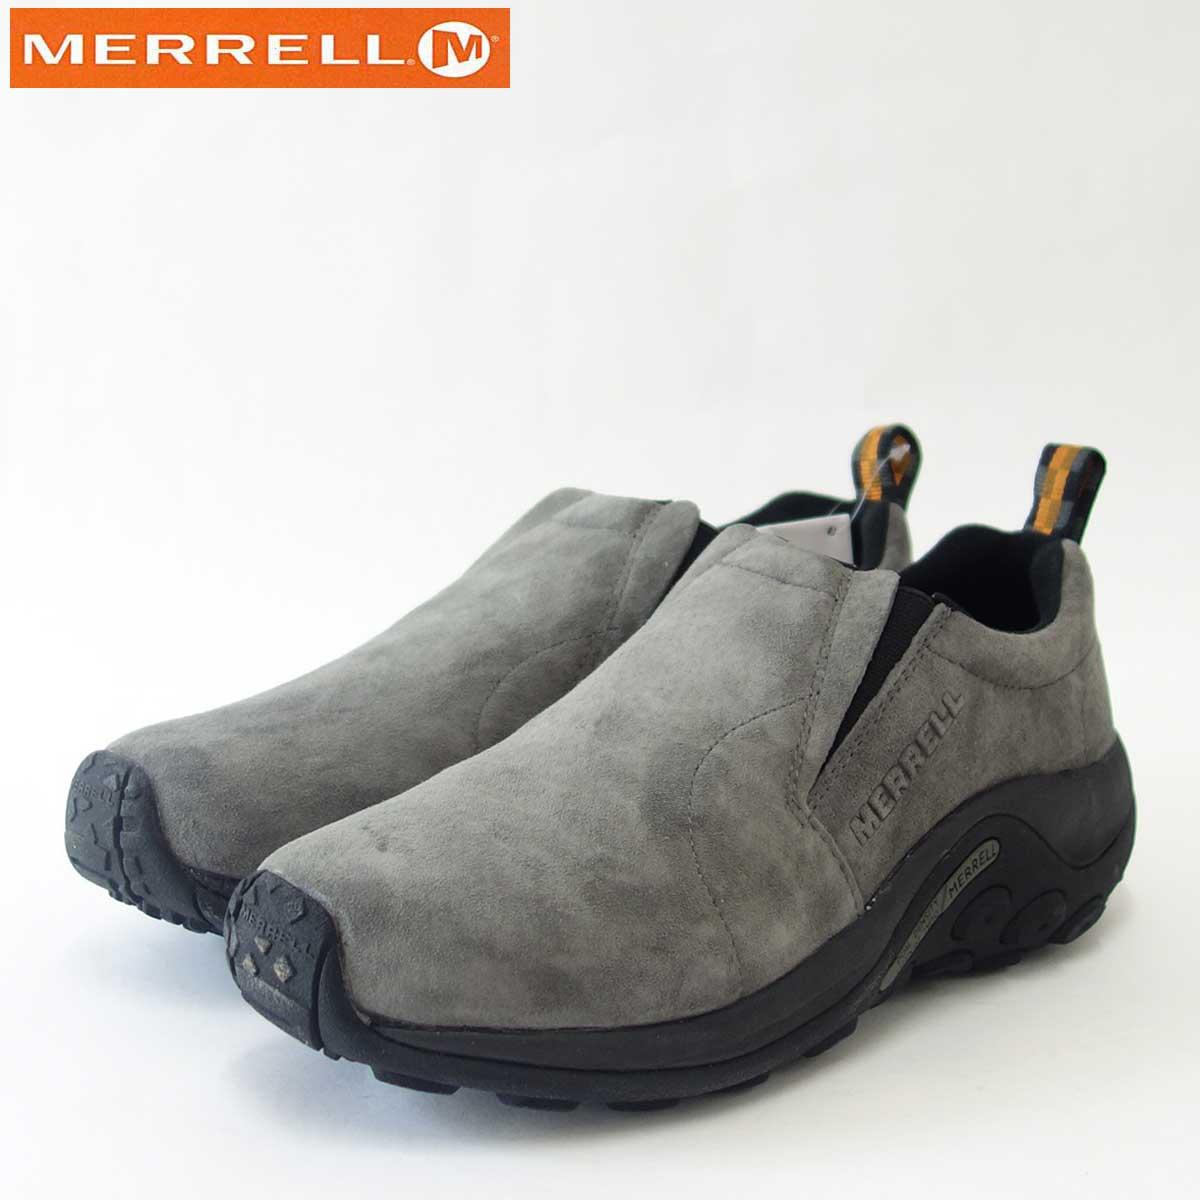 MERRELL メレル ジャングルモックJungle Moc60805 ピューターPEWTER(メンズ)エアークッションで快適ウォーク「靴」